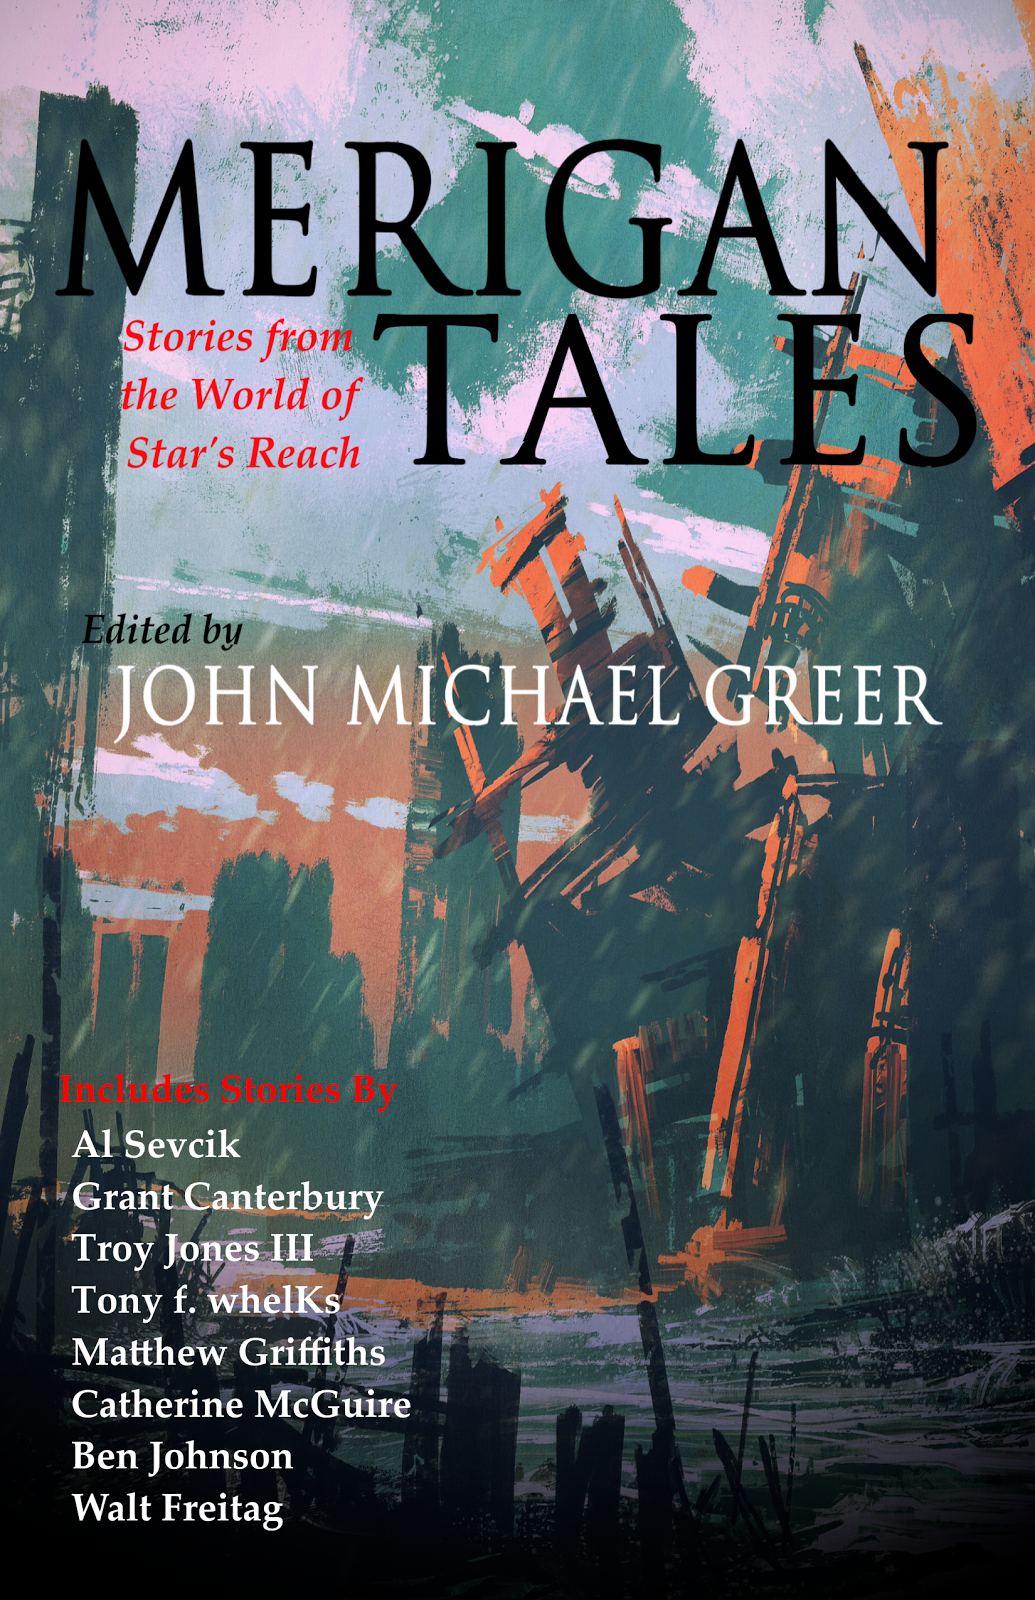 Merigan Tales